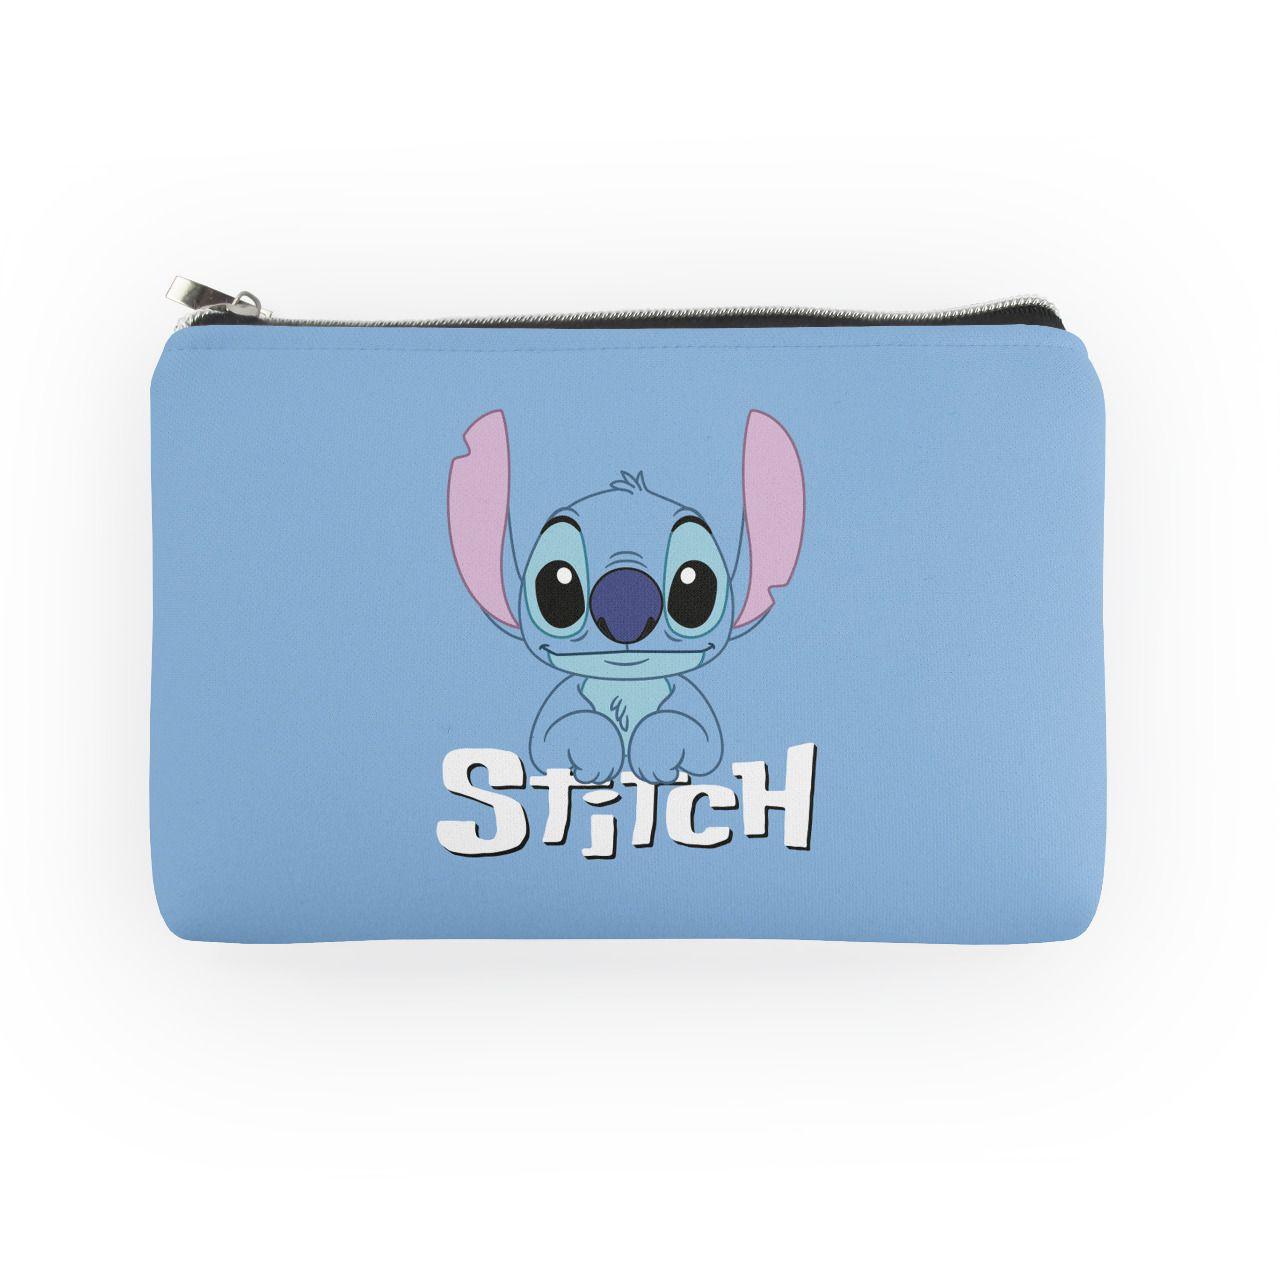 Necessaire Stitch: Lilo & Stitch